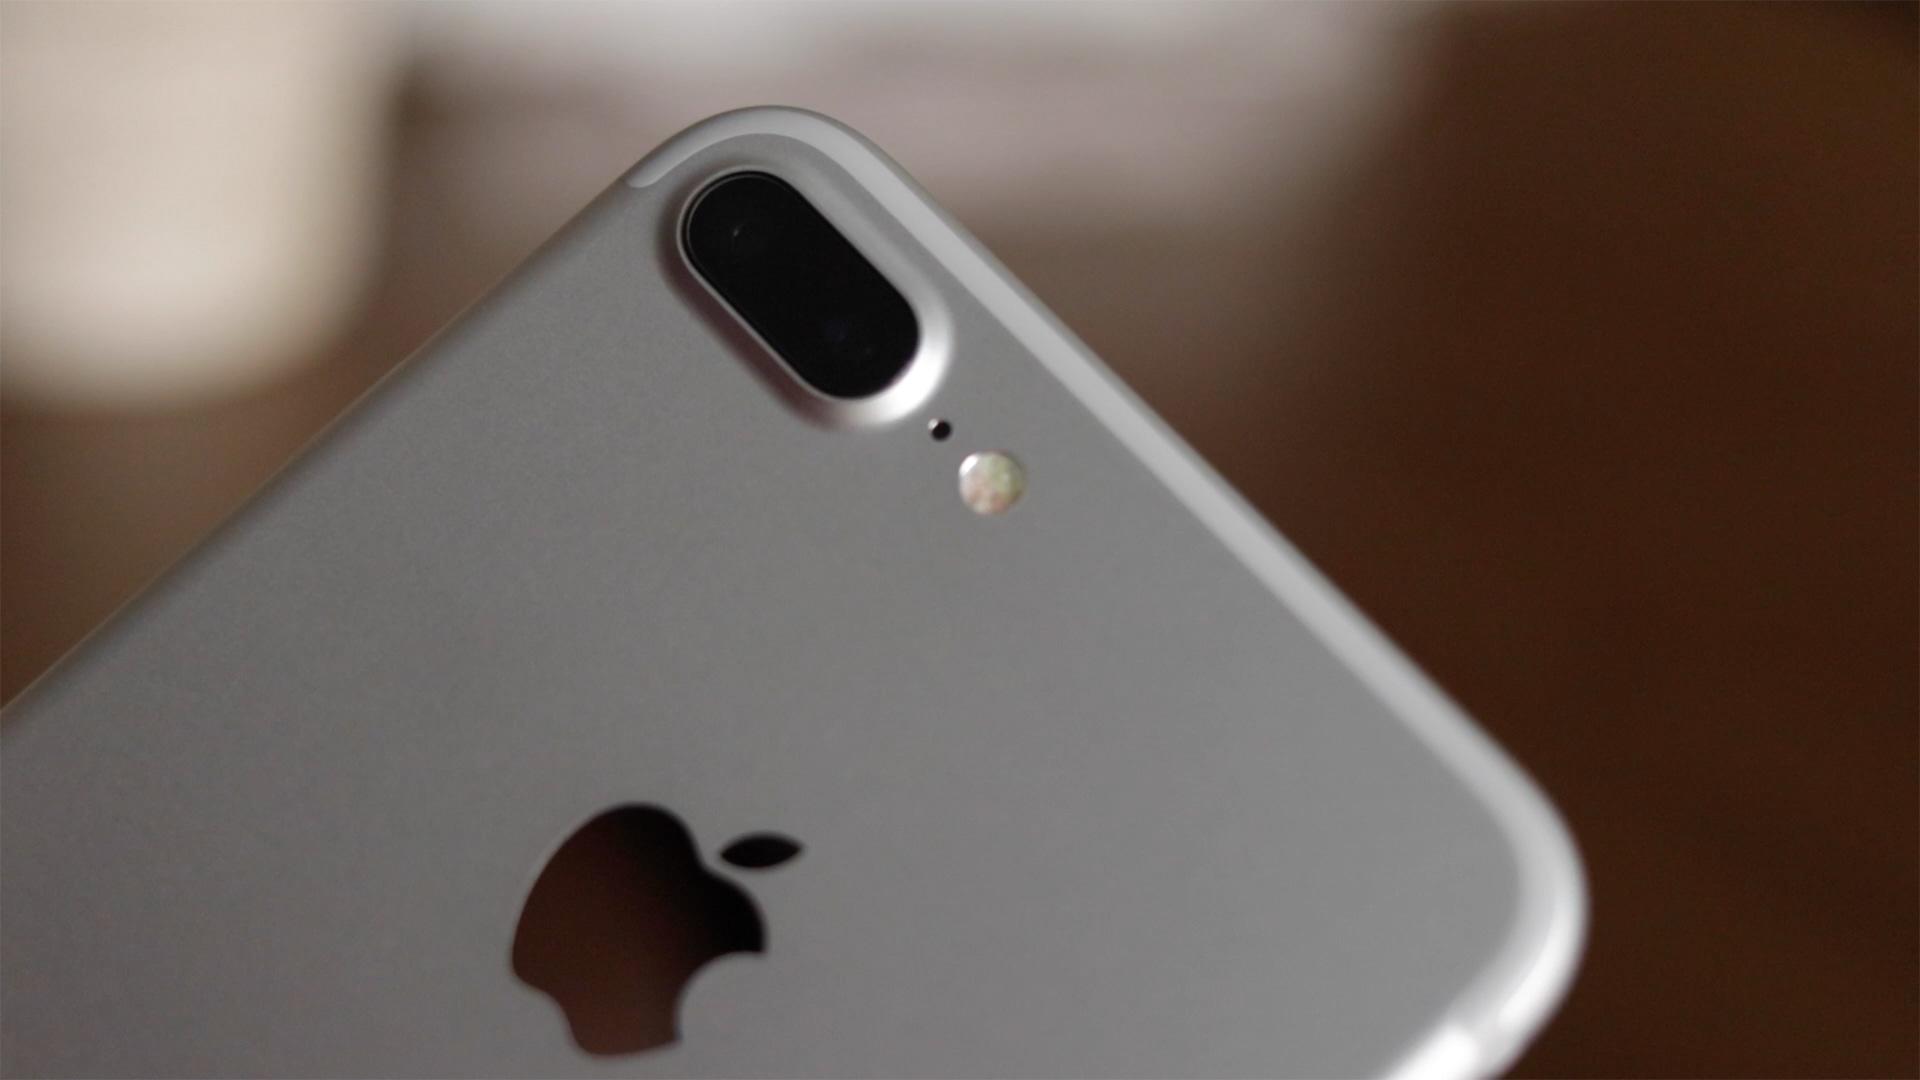 Vídeo de unboxing do iPhone 7 Plus